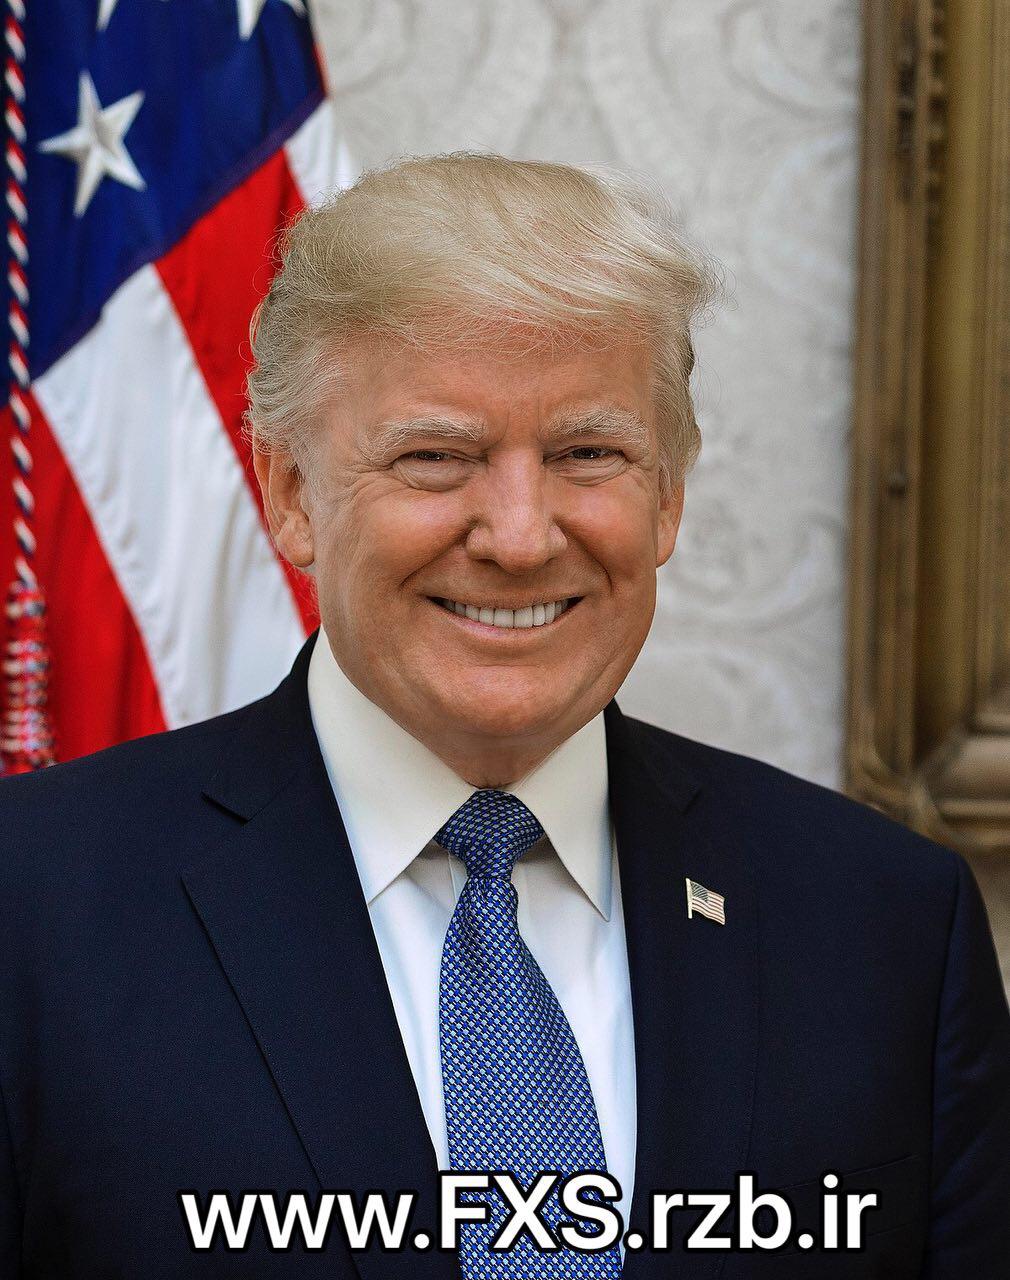 چهره خواني ترامپ